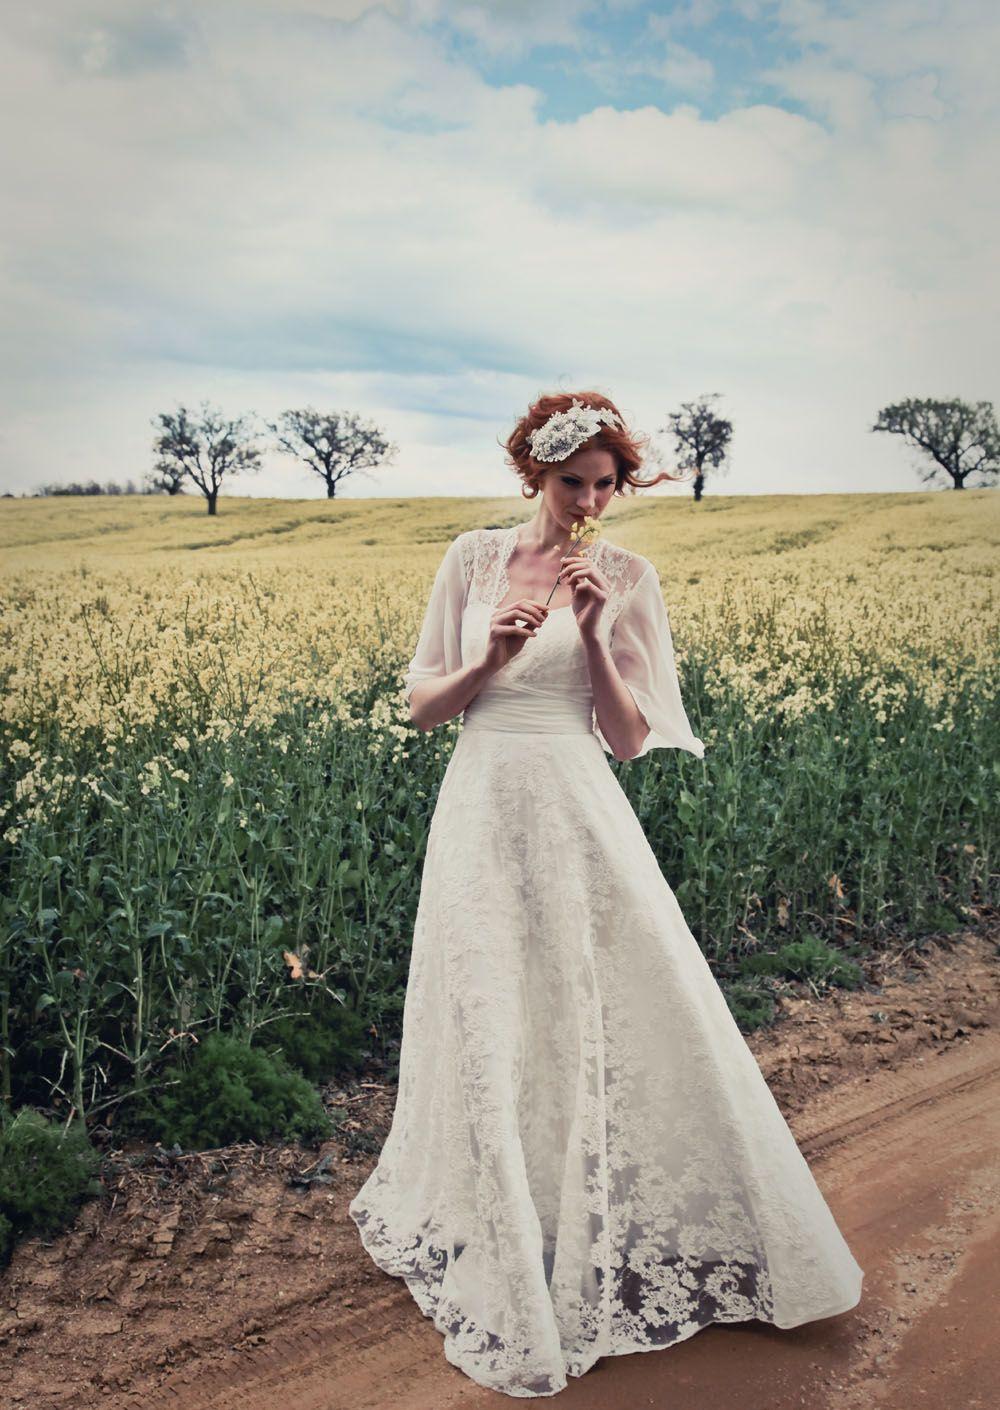 Elspeth wedding ideas pinterest wedding dress gatsby and weddings